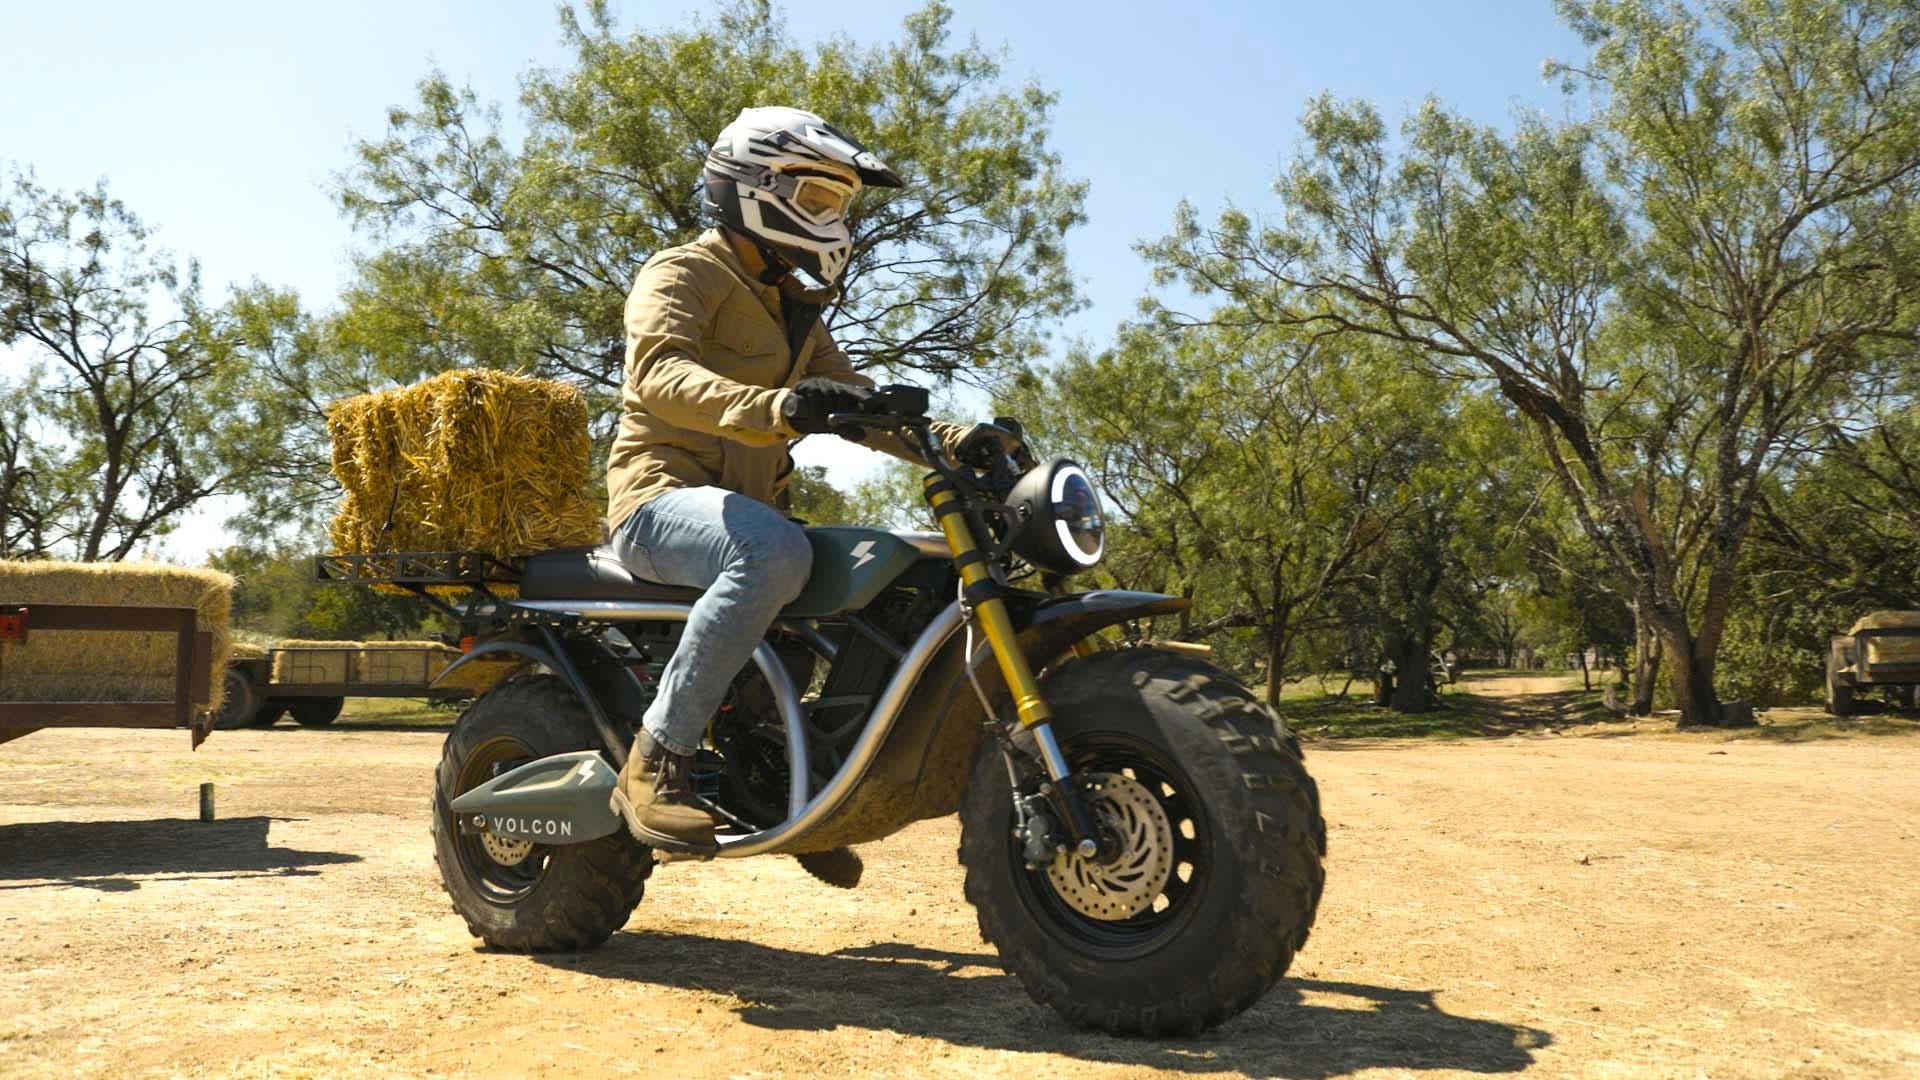 Motocicleta eléctrica todoterreno Volcon Grunt